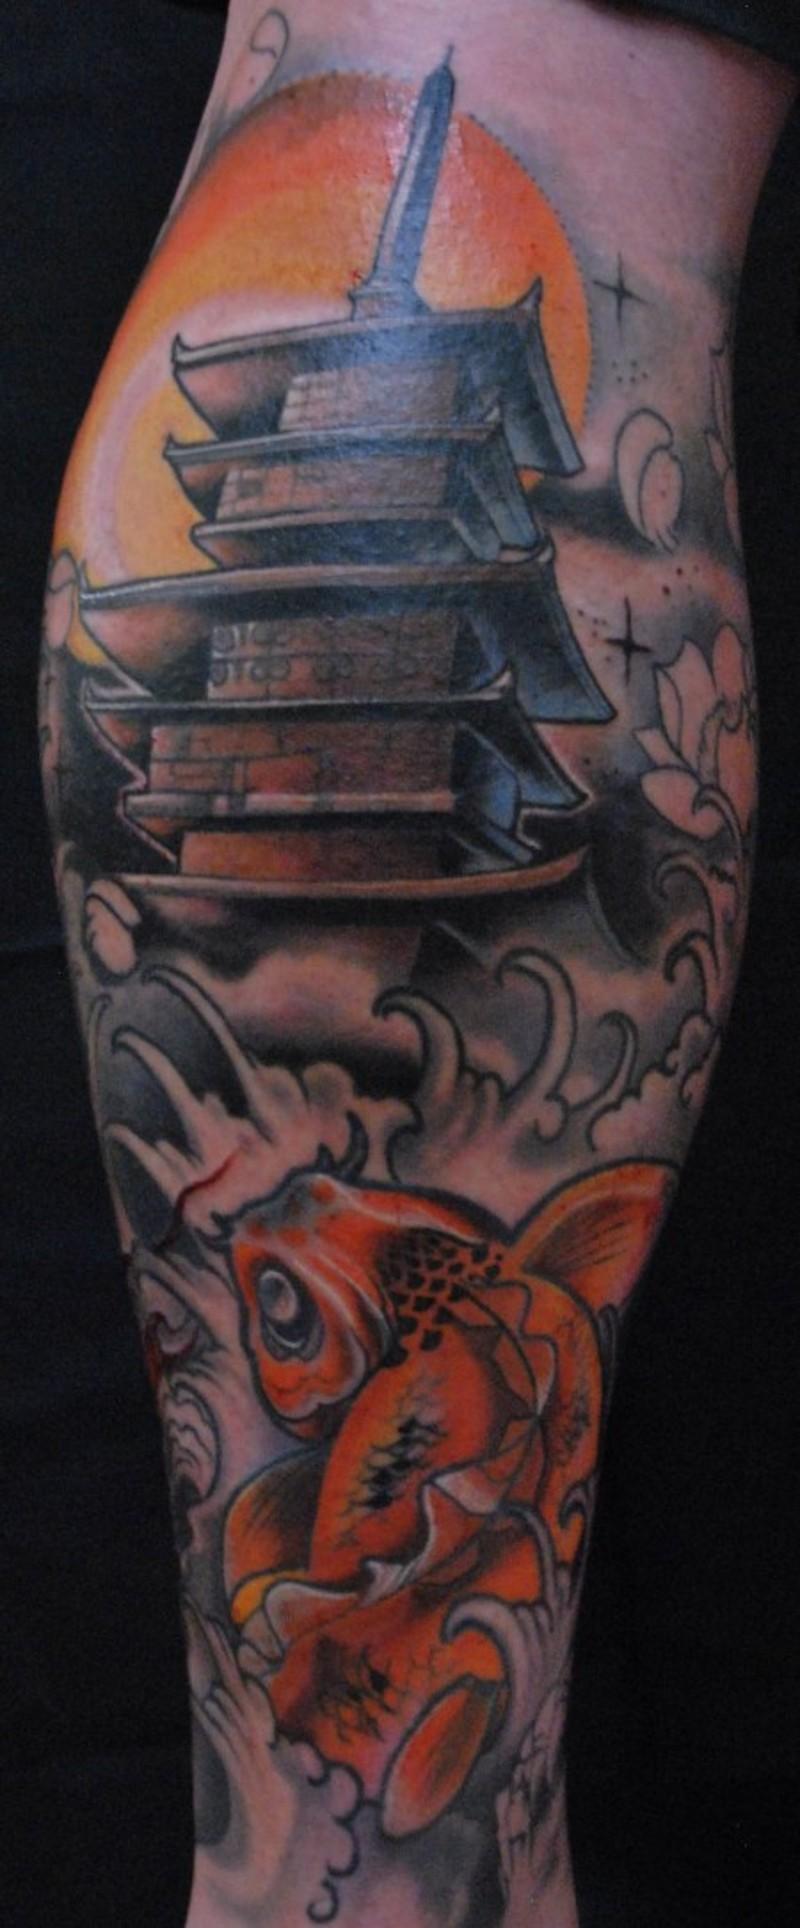 小腿漫画风格彩色的寺庙与鲤鱼纹身图案